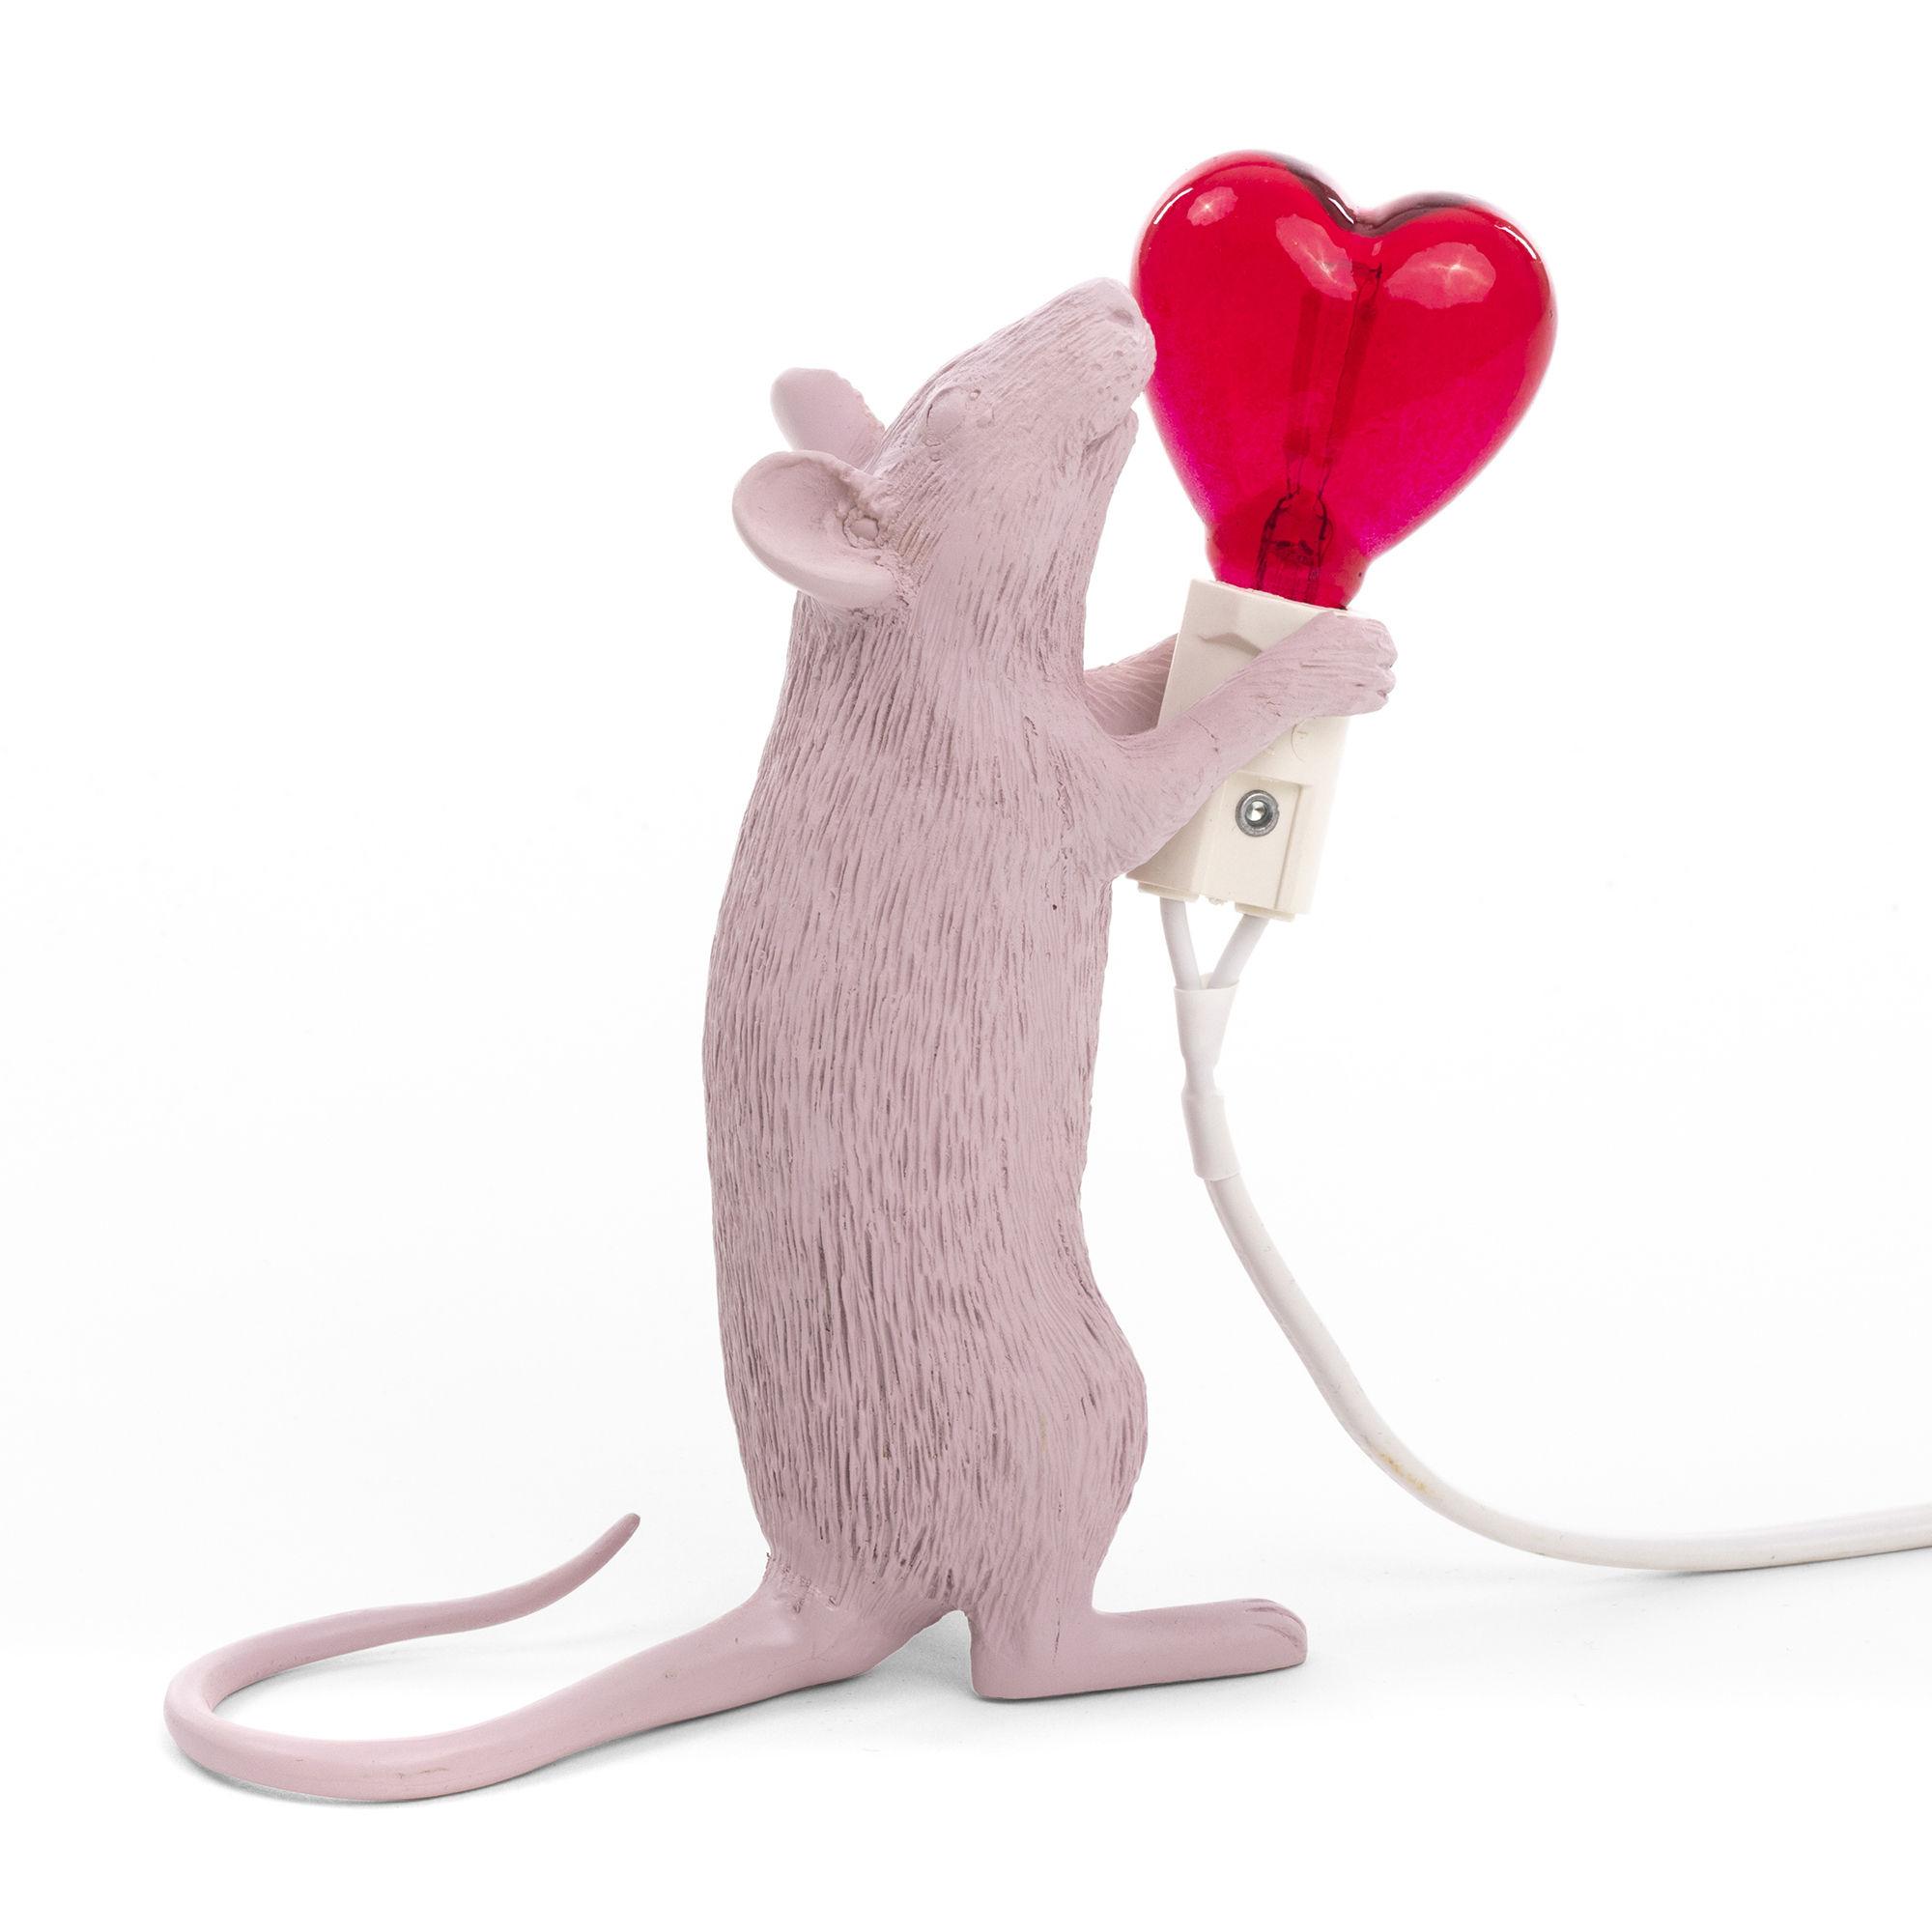 Interni - Per bambini - Lampada da tavolo Mouse Sitting #2 - / Edizione limitata St Valentin di Seletti - Topo rosa / Lampadina cuore rosso - Resina